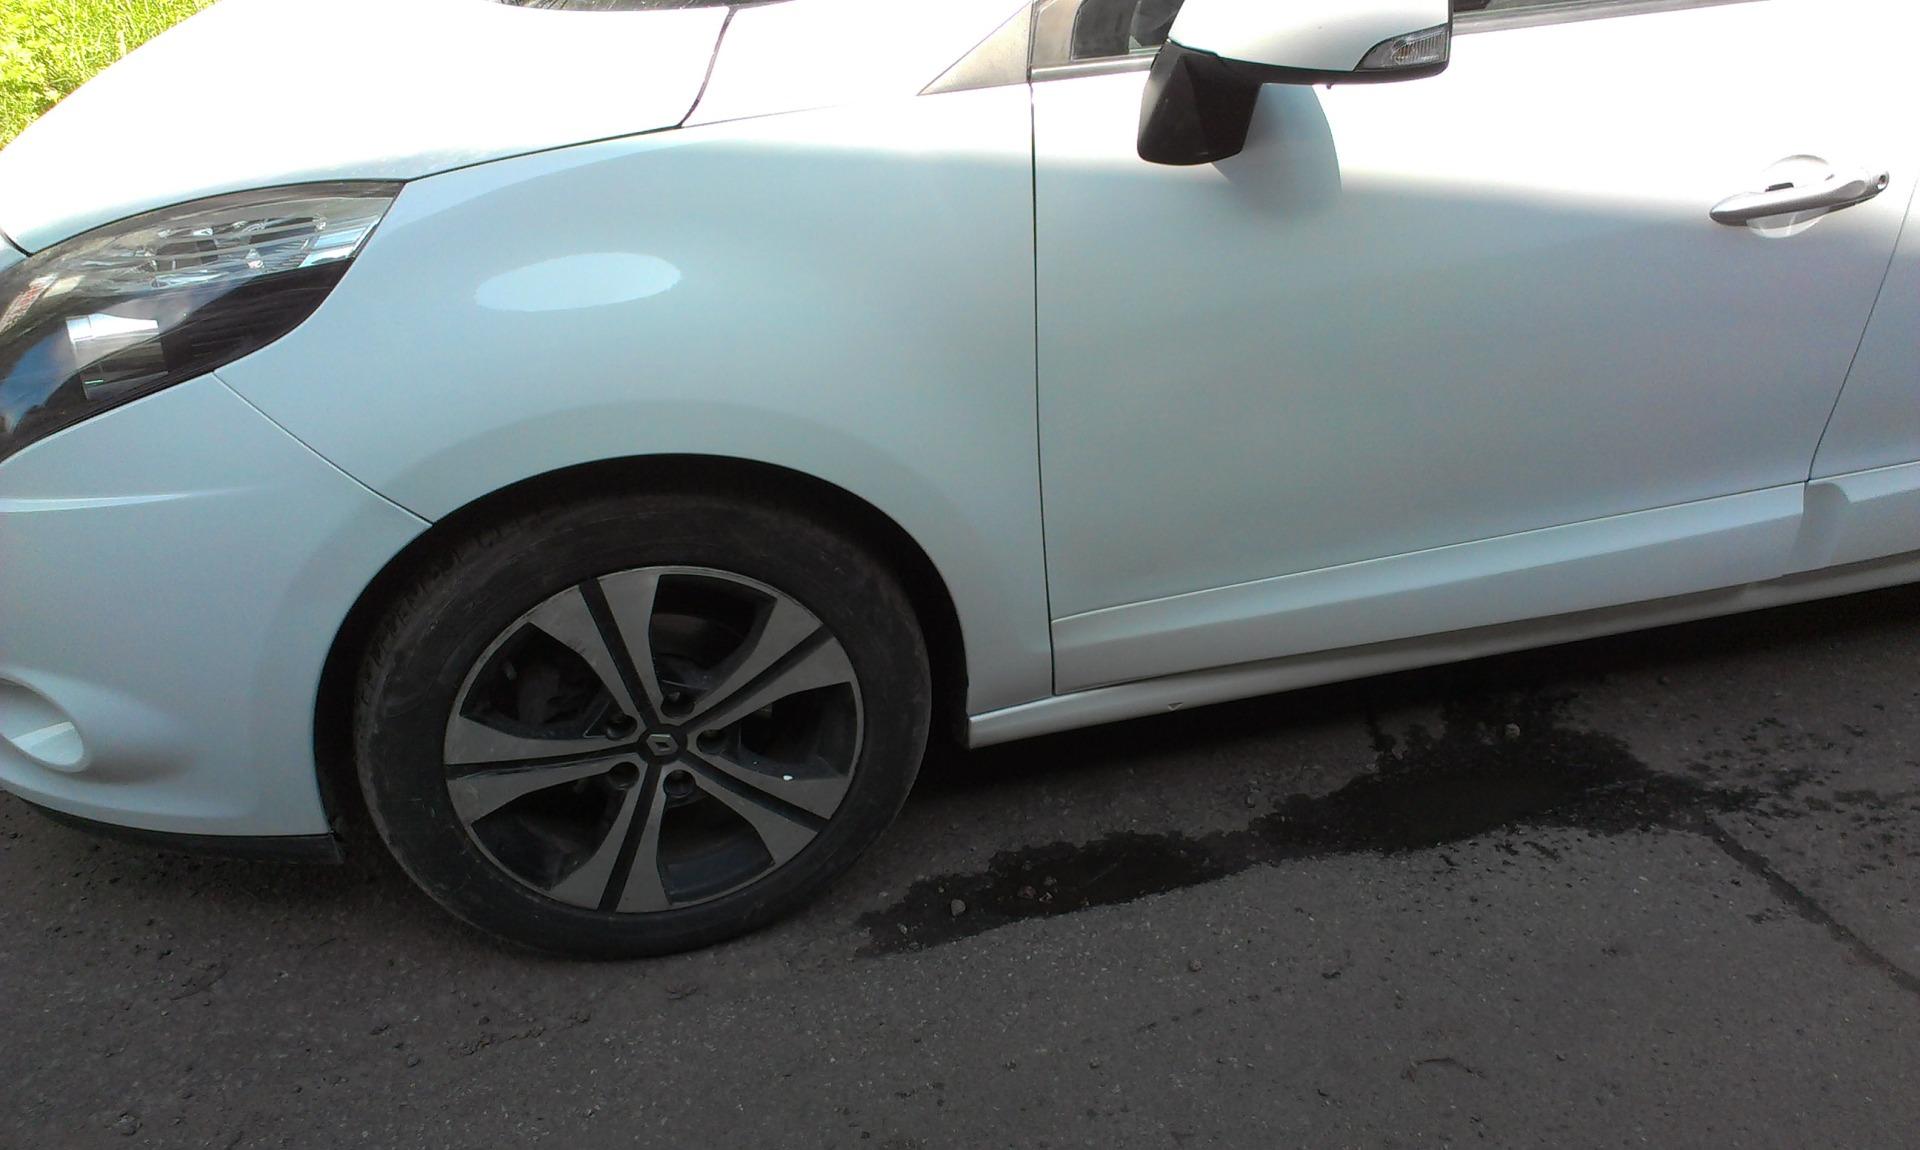 #креативавто #автомобили #ремонтавто #тюнингавтомобилей #кузовнойремонт #локальнаяпокраска #удалениевмятины #автосервис